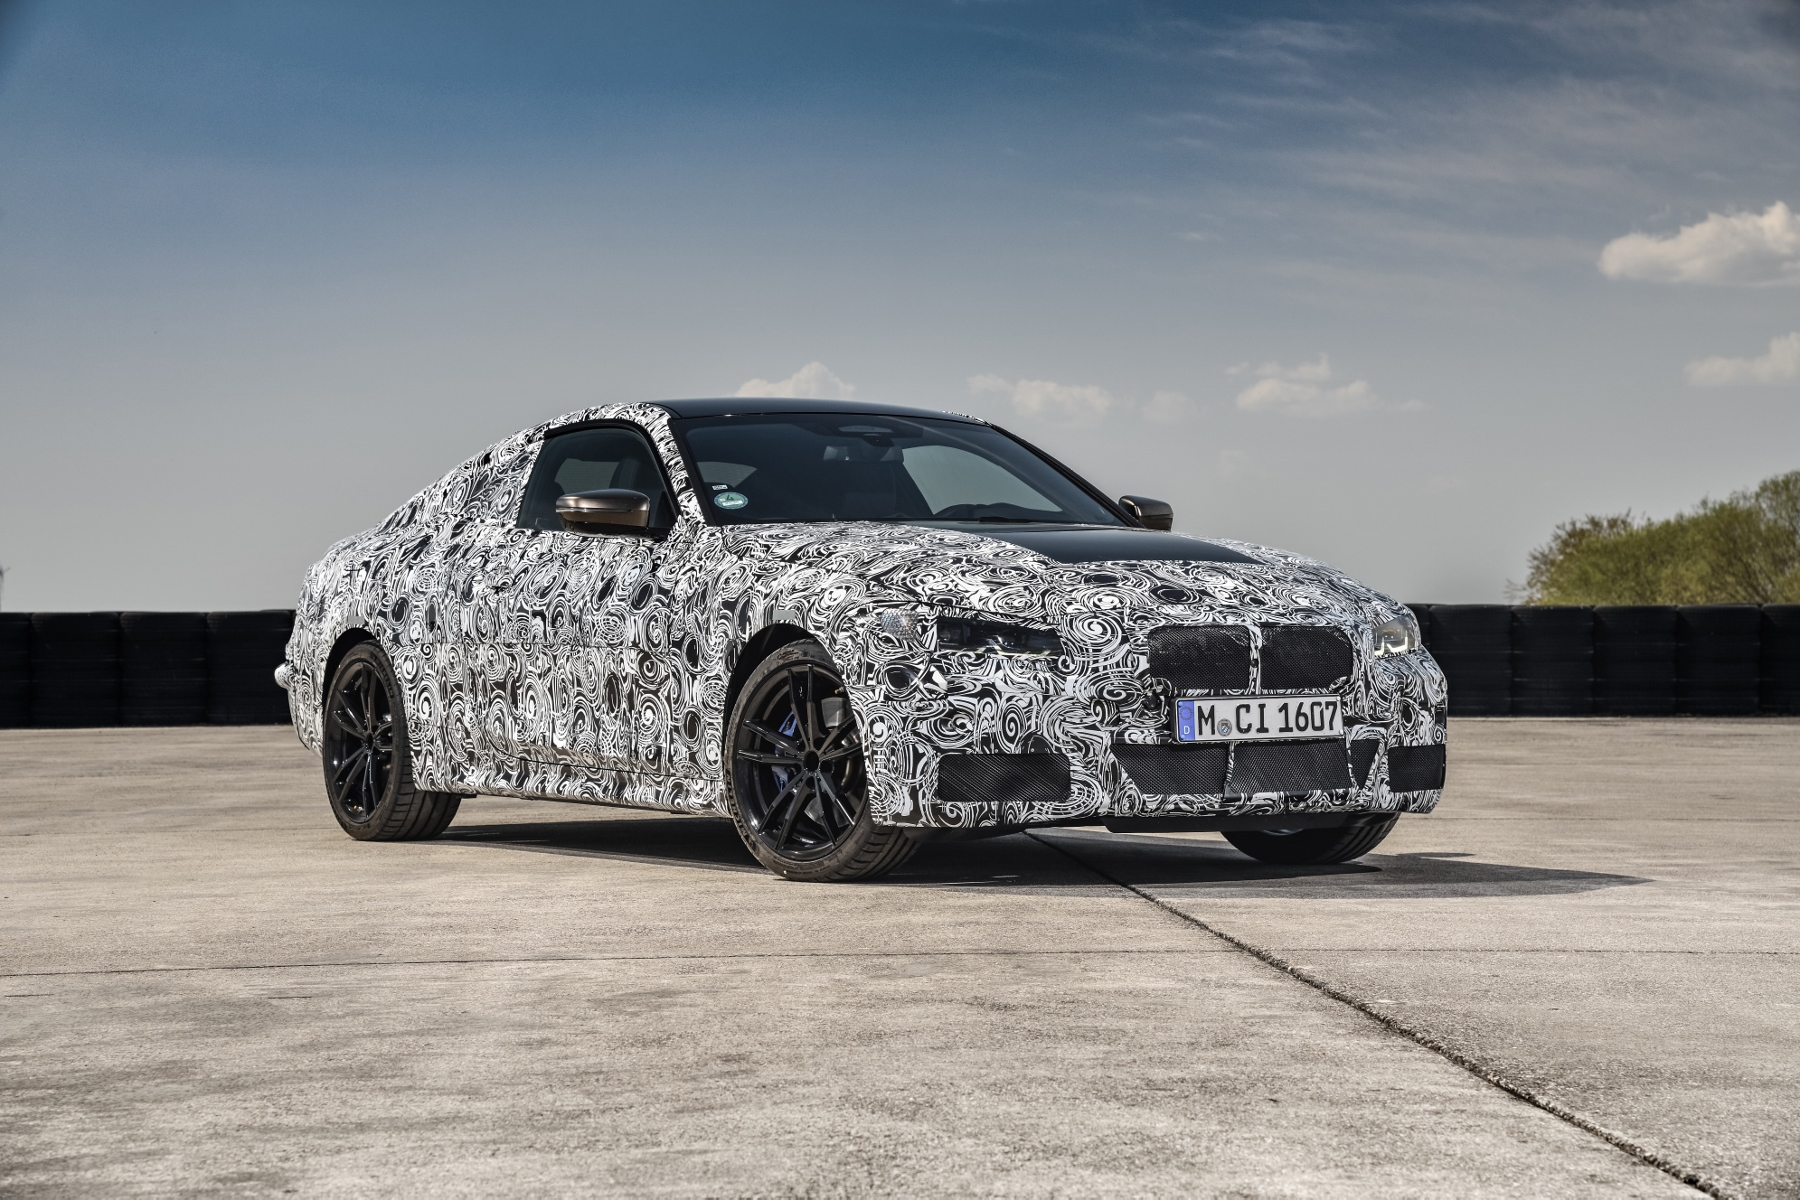 Nové BMW radu 4 Coupé dostane športovejší podvozok MFe95rUpSB bmw-4-coupe-17